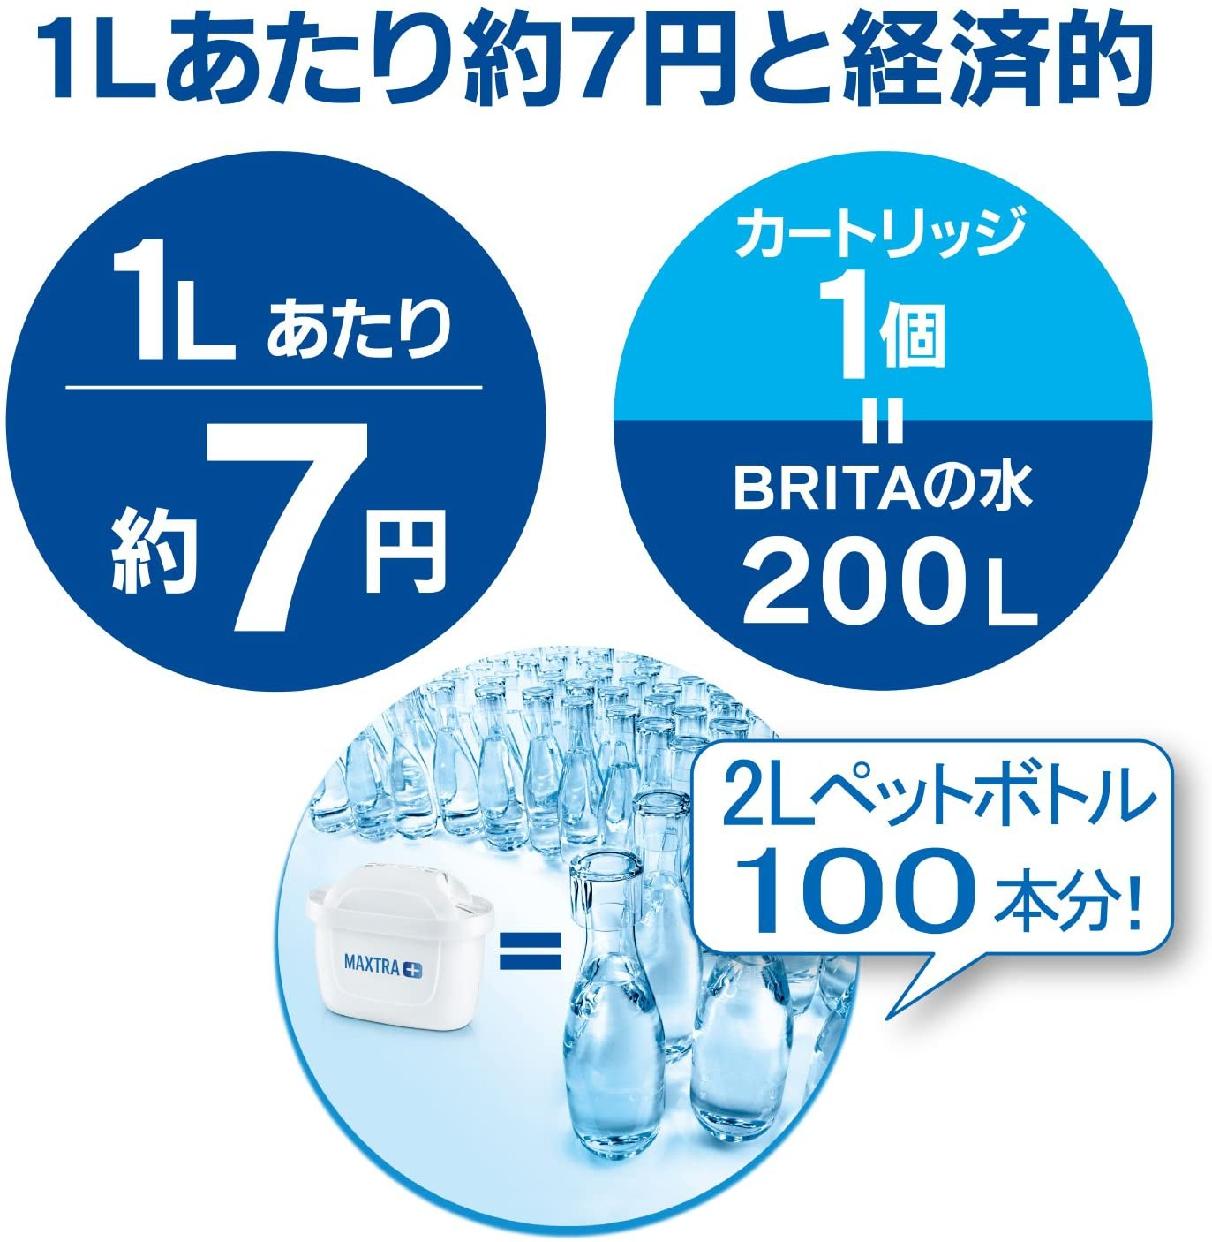 BRITA(ブリタ)スタイルの商品画像6